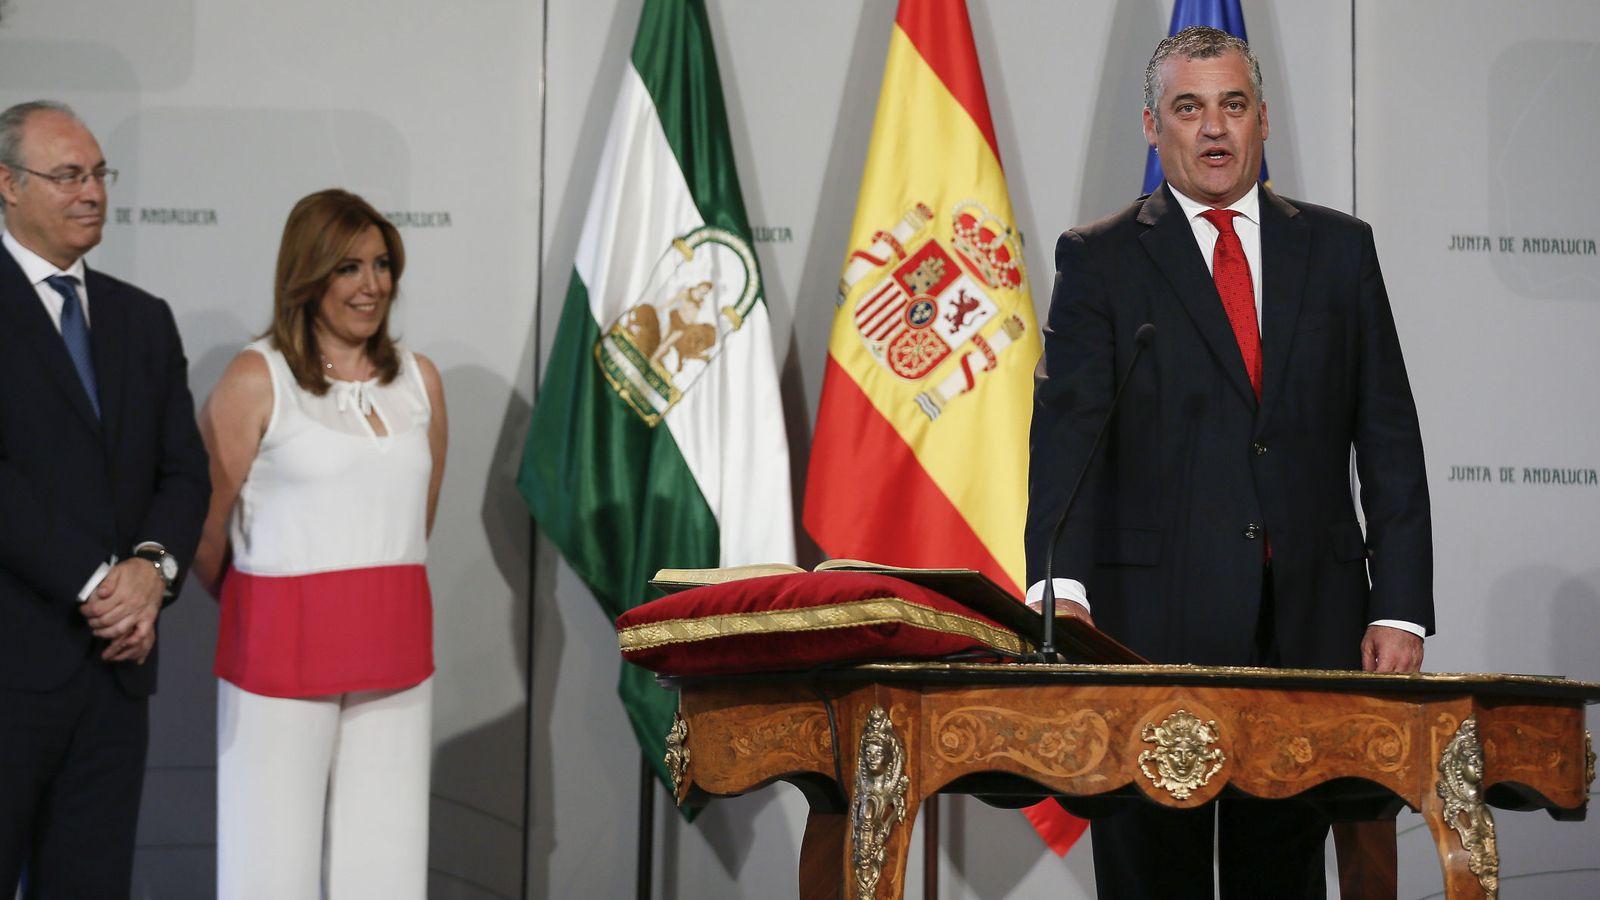 Foto: El consejero de Empleo, Empresa y Comercio, Javier Carnero Sierra, durante el acto de toma de posesión. (EFE)